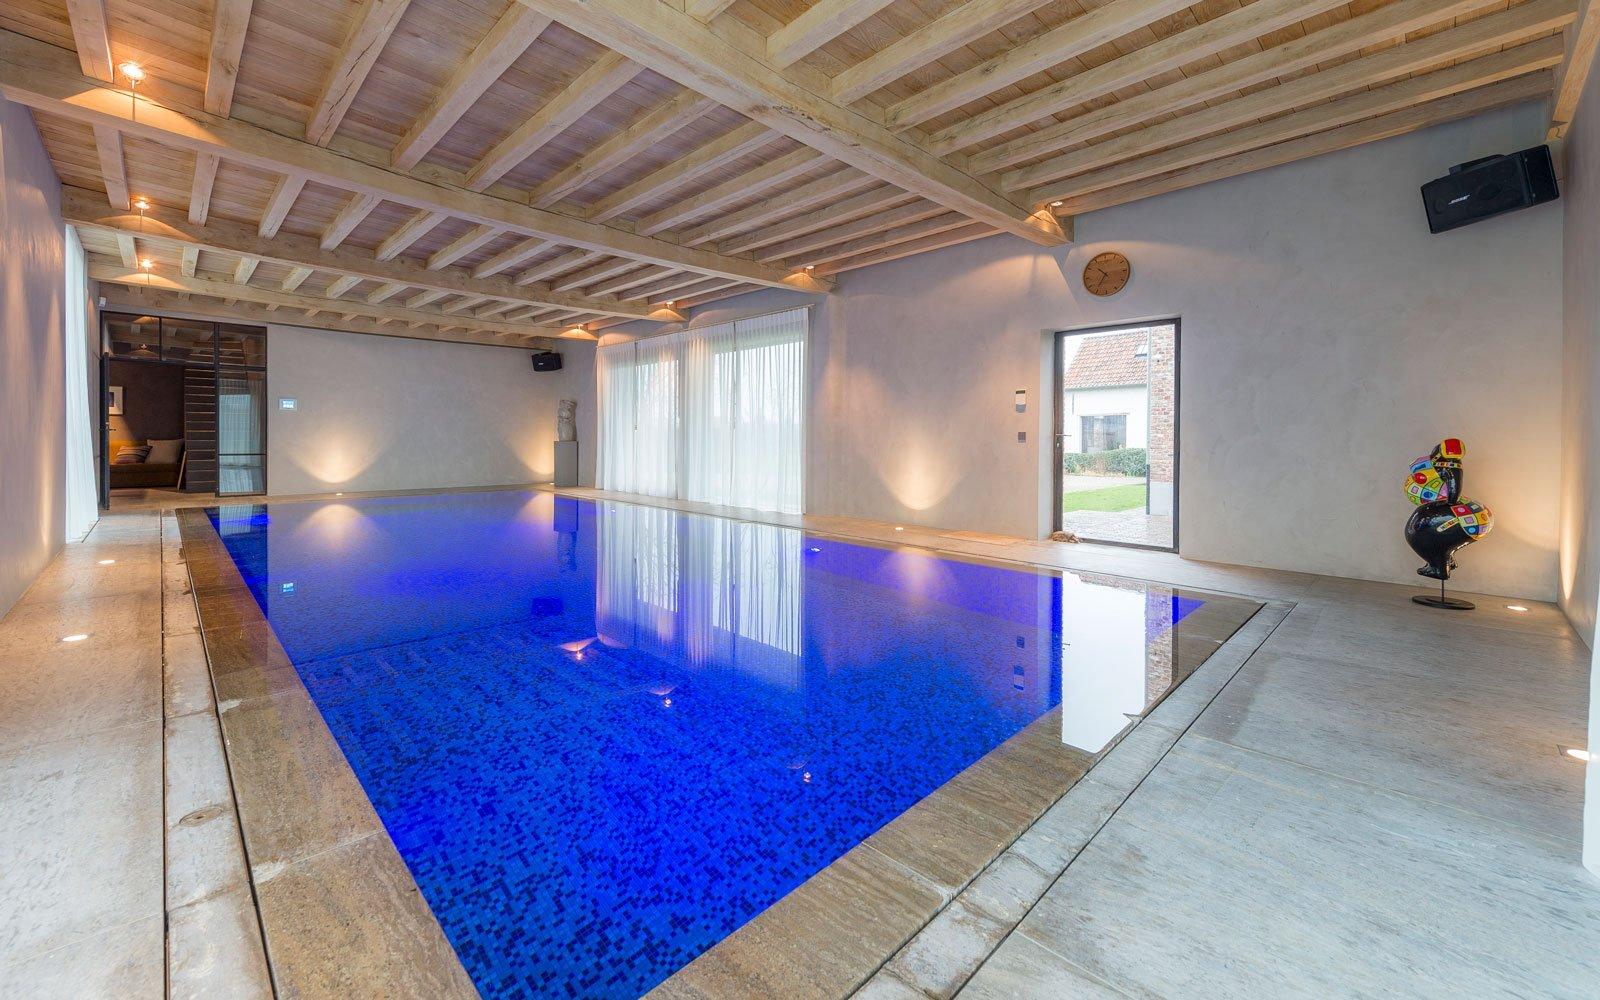 Binnenzwembad, overloopzwembad, Otec Pools, mozaïek tegels, Herenhoeve, Bernard de Clerck